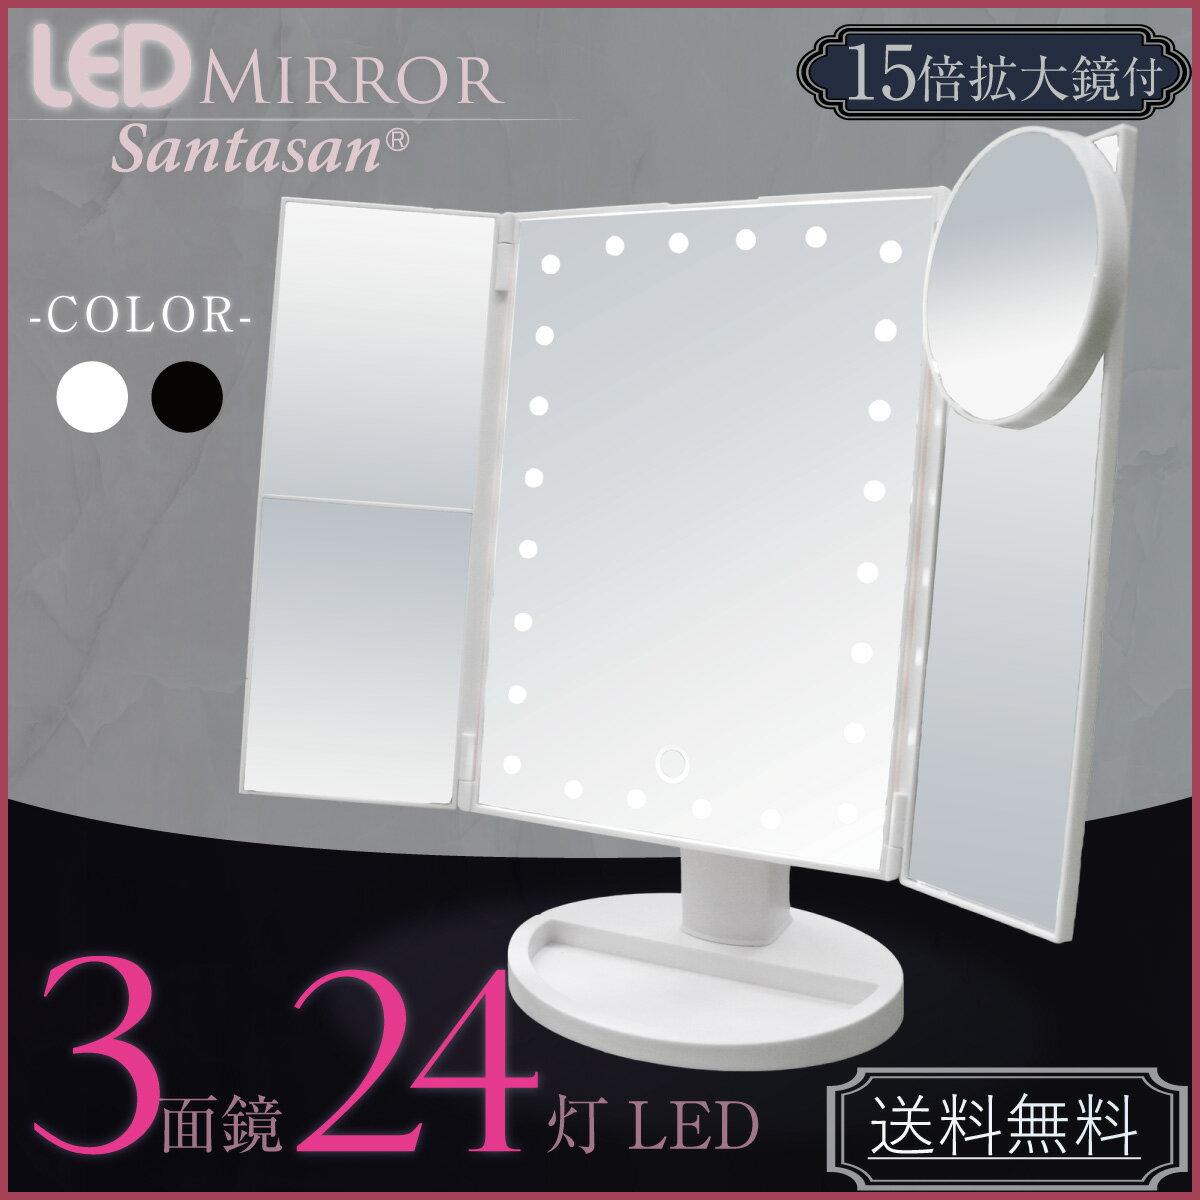 LEDミラー 24灯LED 3面鏡 15倍拡大鏡付き 女優ミラー メイクミラー ブライトミラー 卓上ミラー スタンドミラー